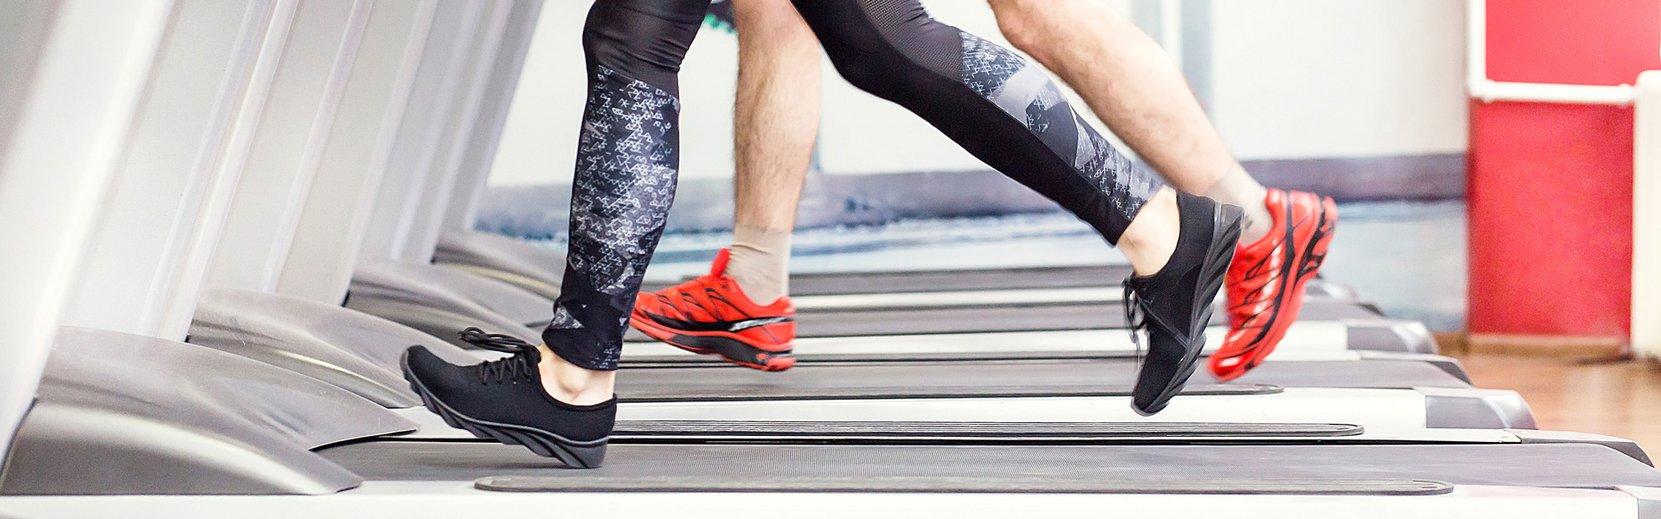 Laufband im Fitnessstudio in der Alpentherme Bad Hofgastein